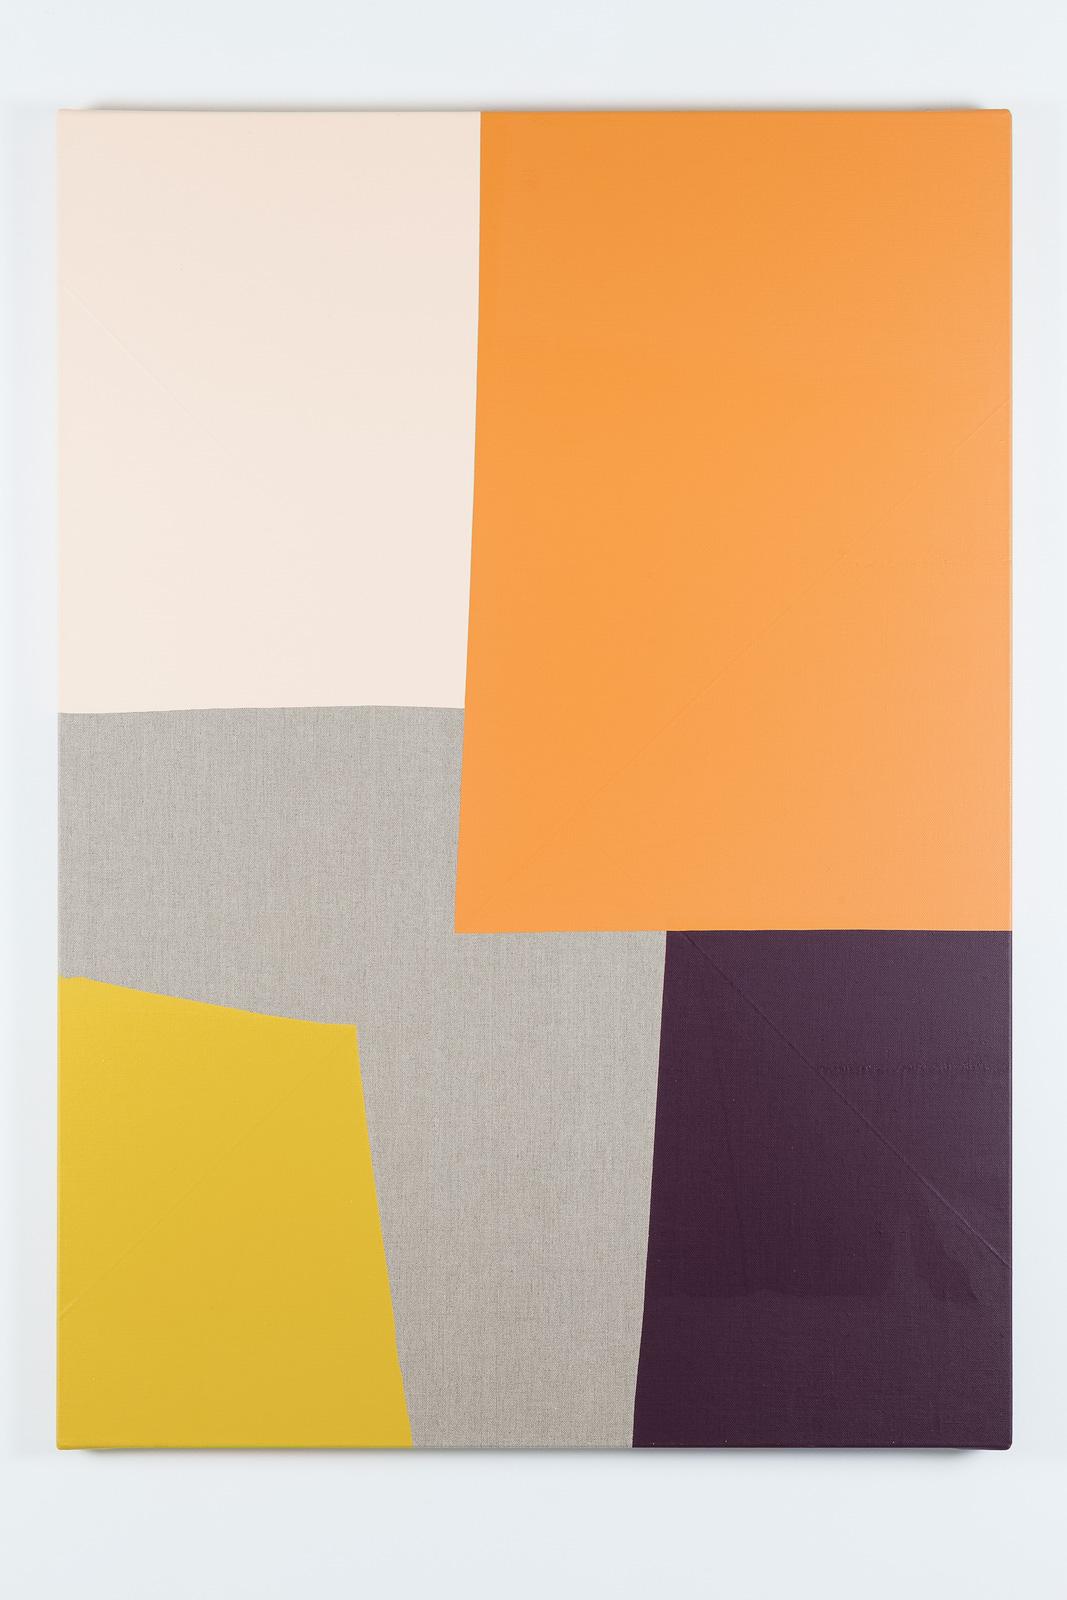 Dip / 3, Acrylic on linen canvas, 139 x 100 x 3,5 cm